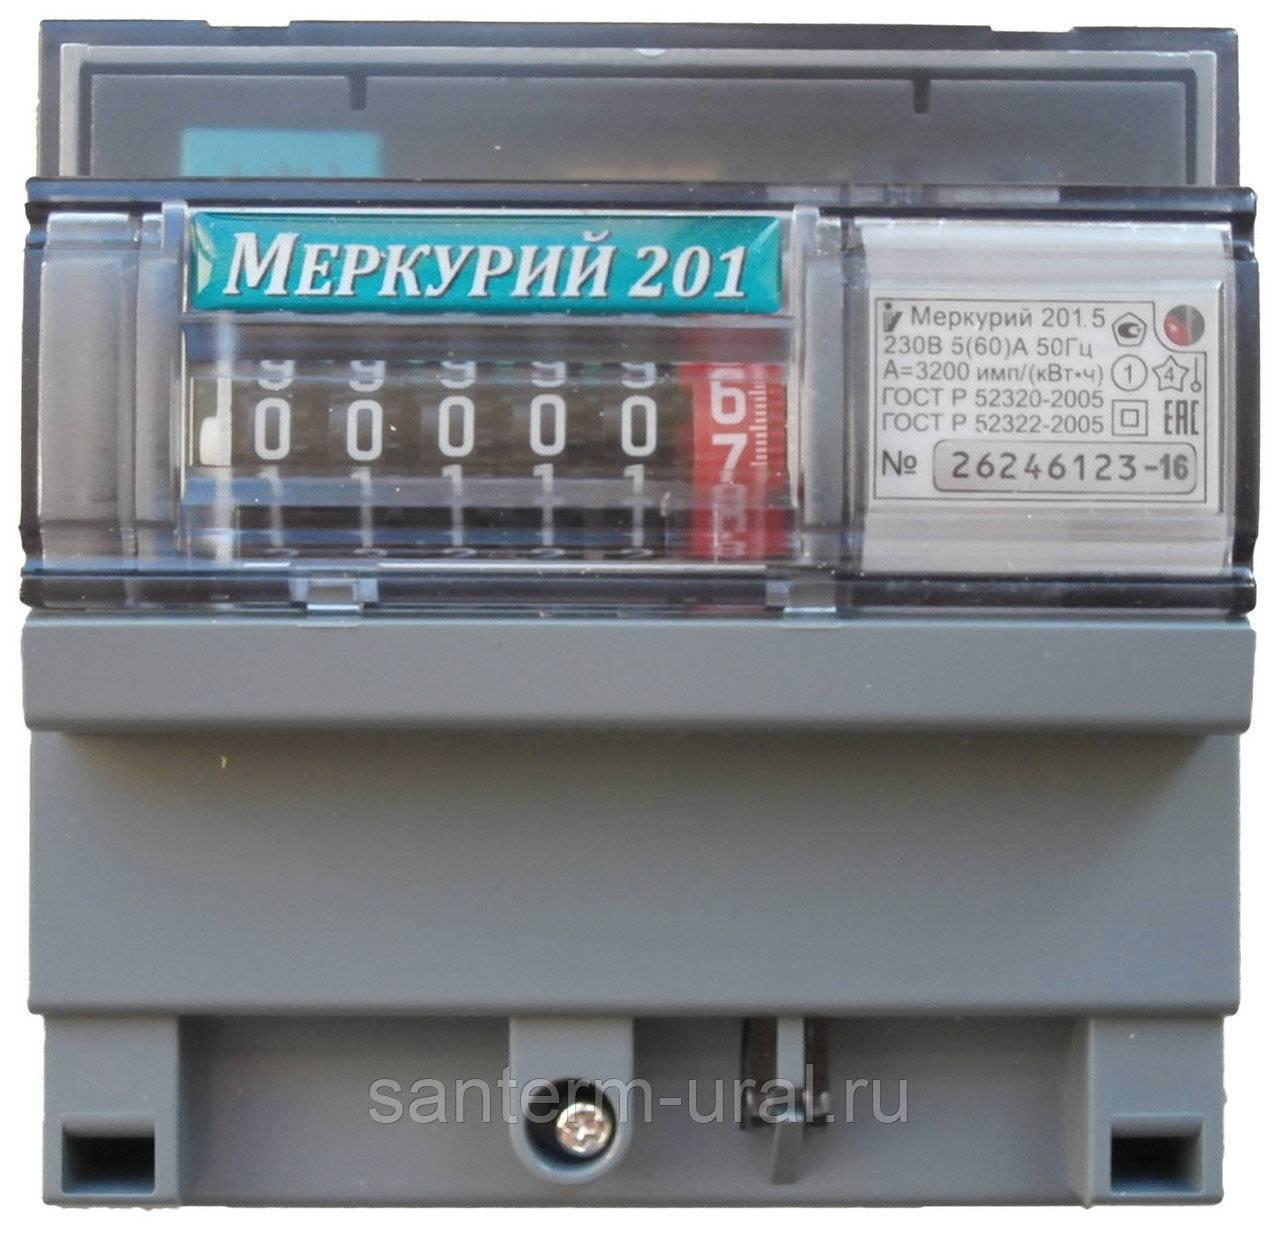 Счетчик меркурий для электроэнергии с пультом управления